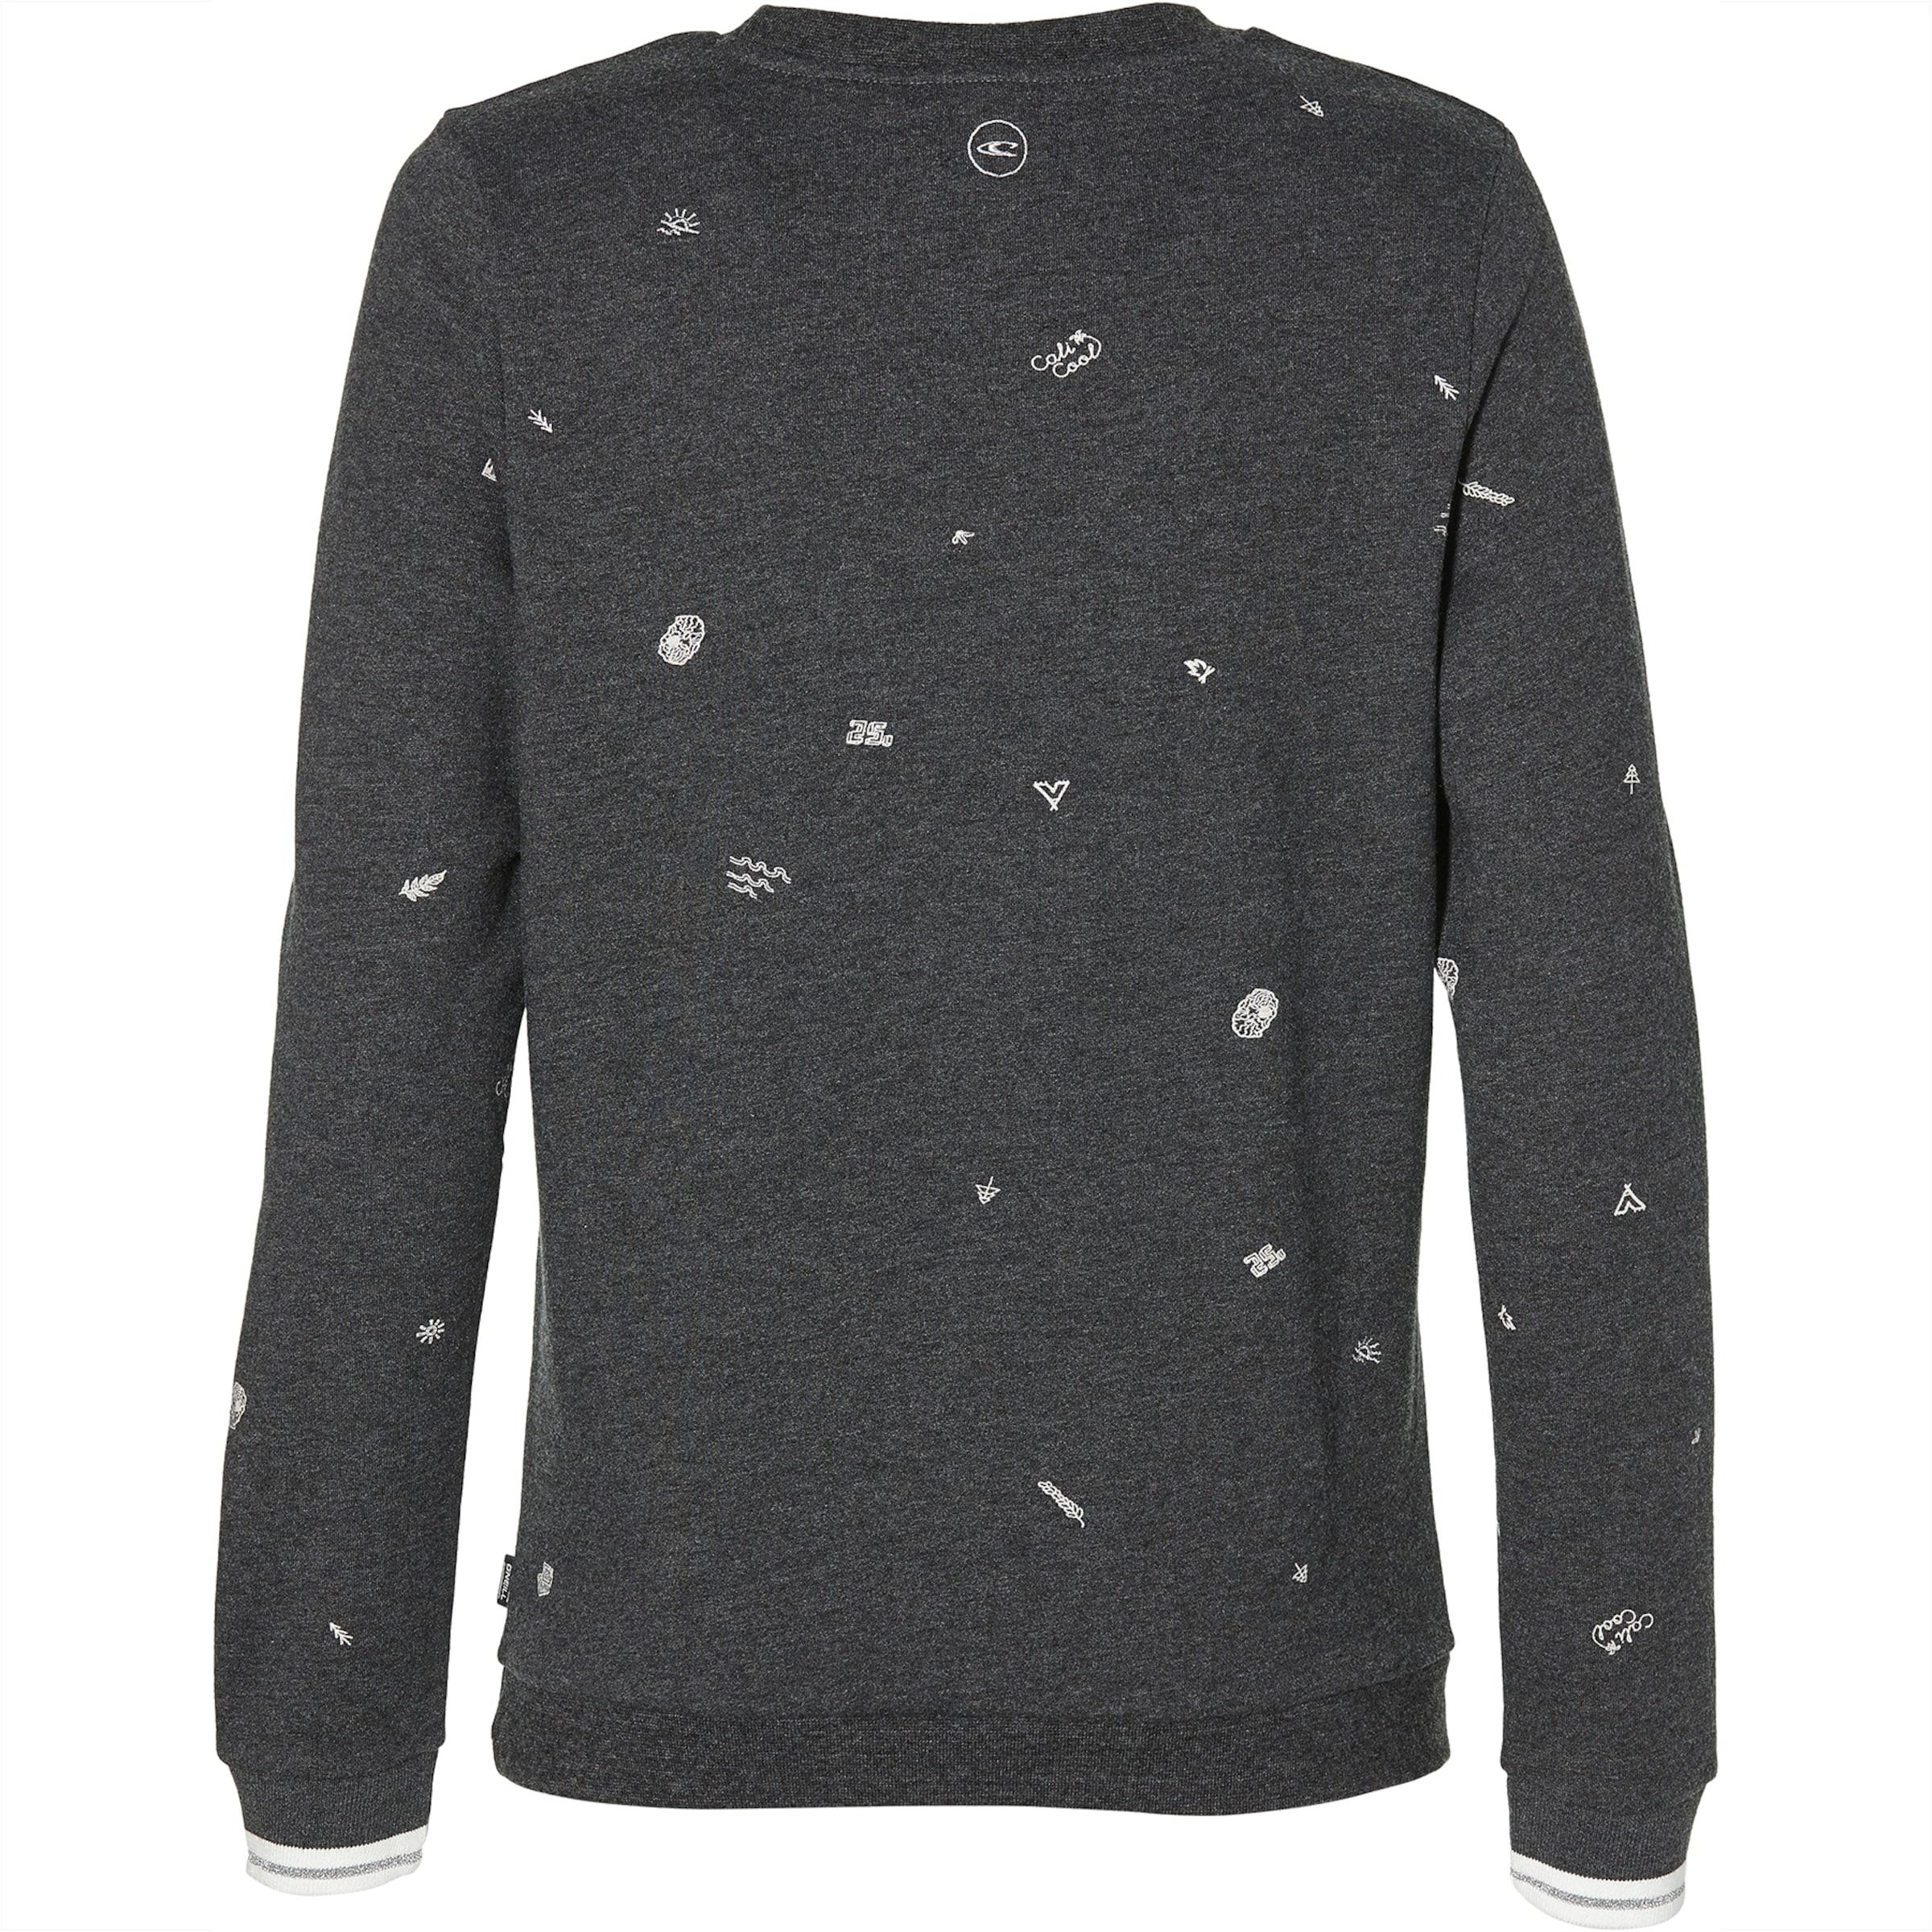 Dunkelgrau Print 'lw Sweatshirt Sweatshirt' Mini O'neill In WDEIH92Y